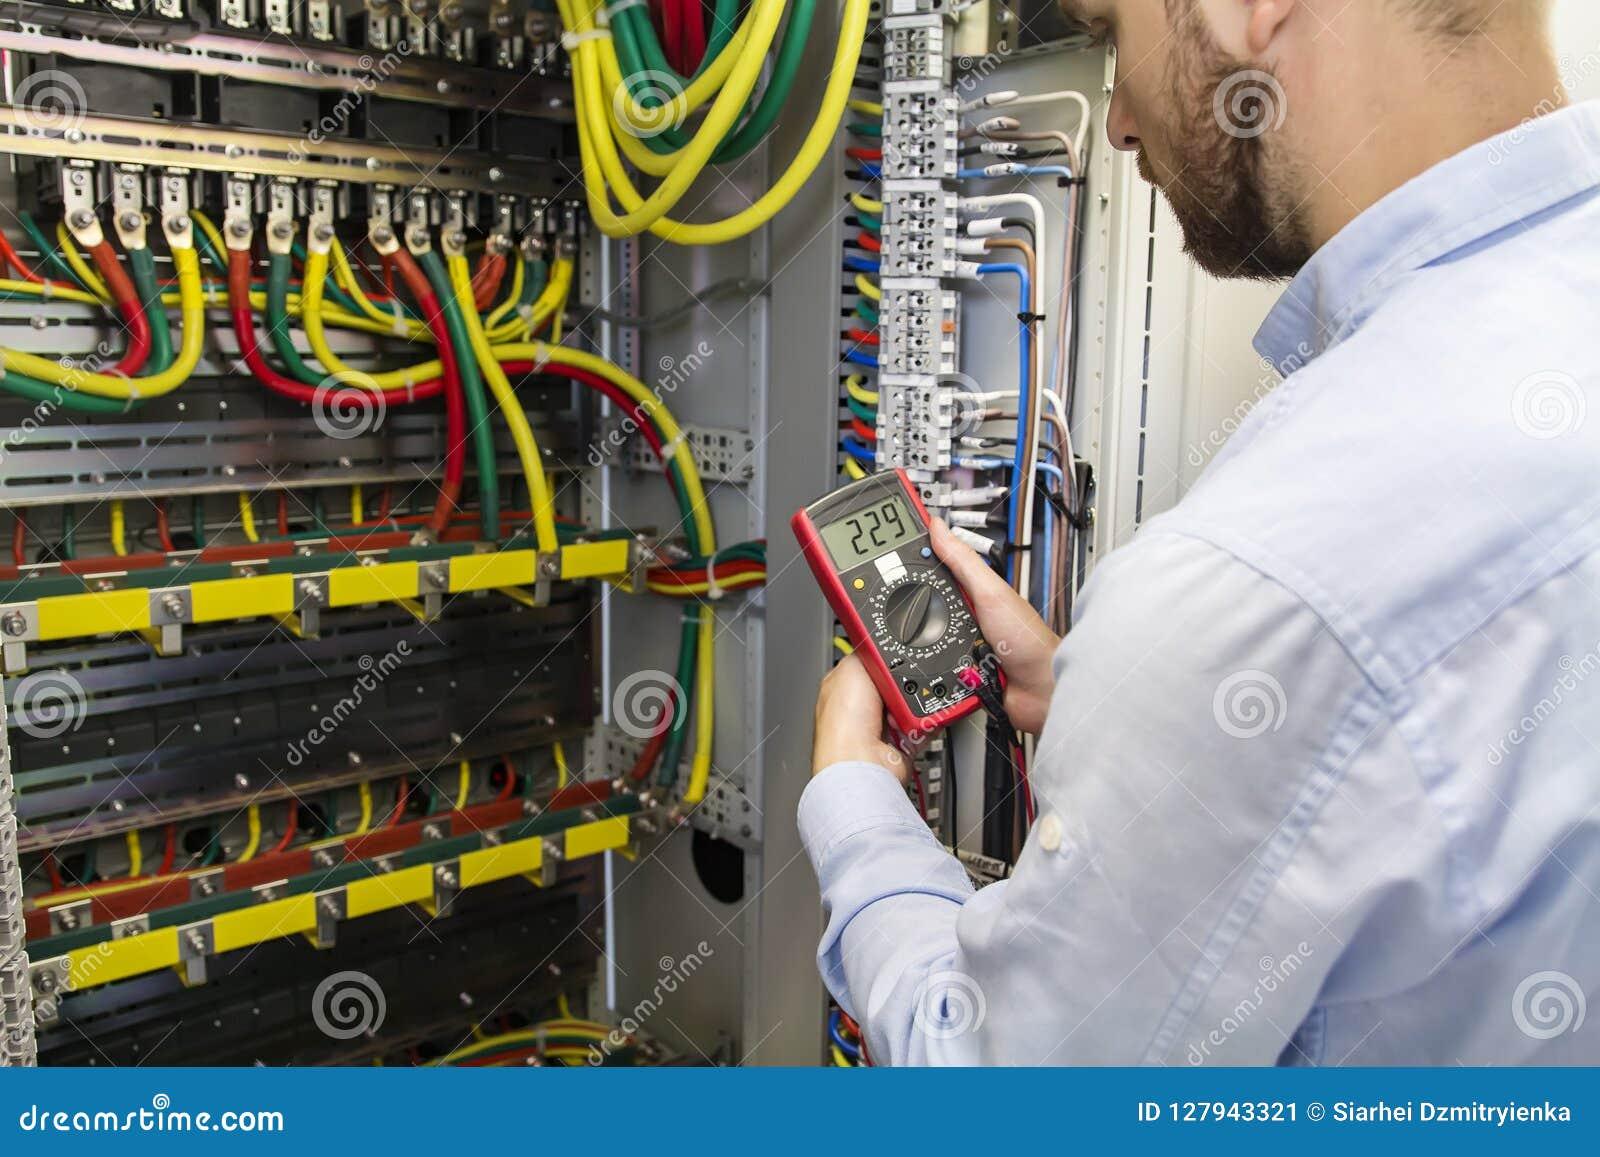 Jonction de câble d essai d ingénieur d électricien de ligne électrique de puissance à haute tension dans le panneau industriel d